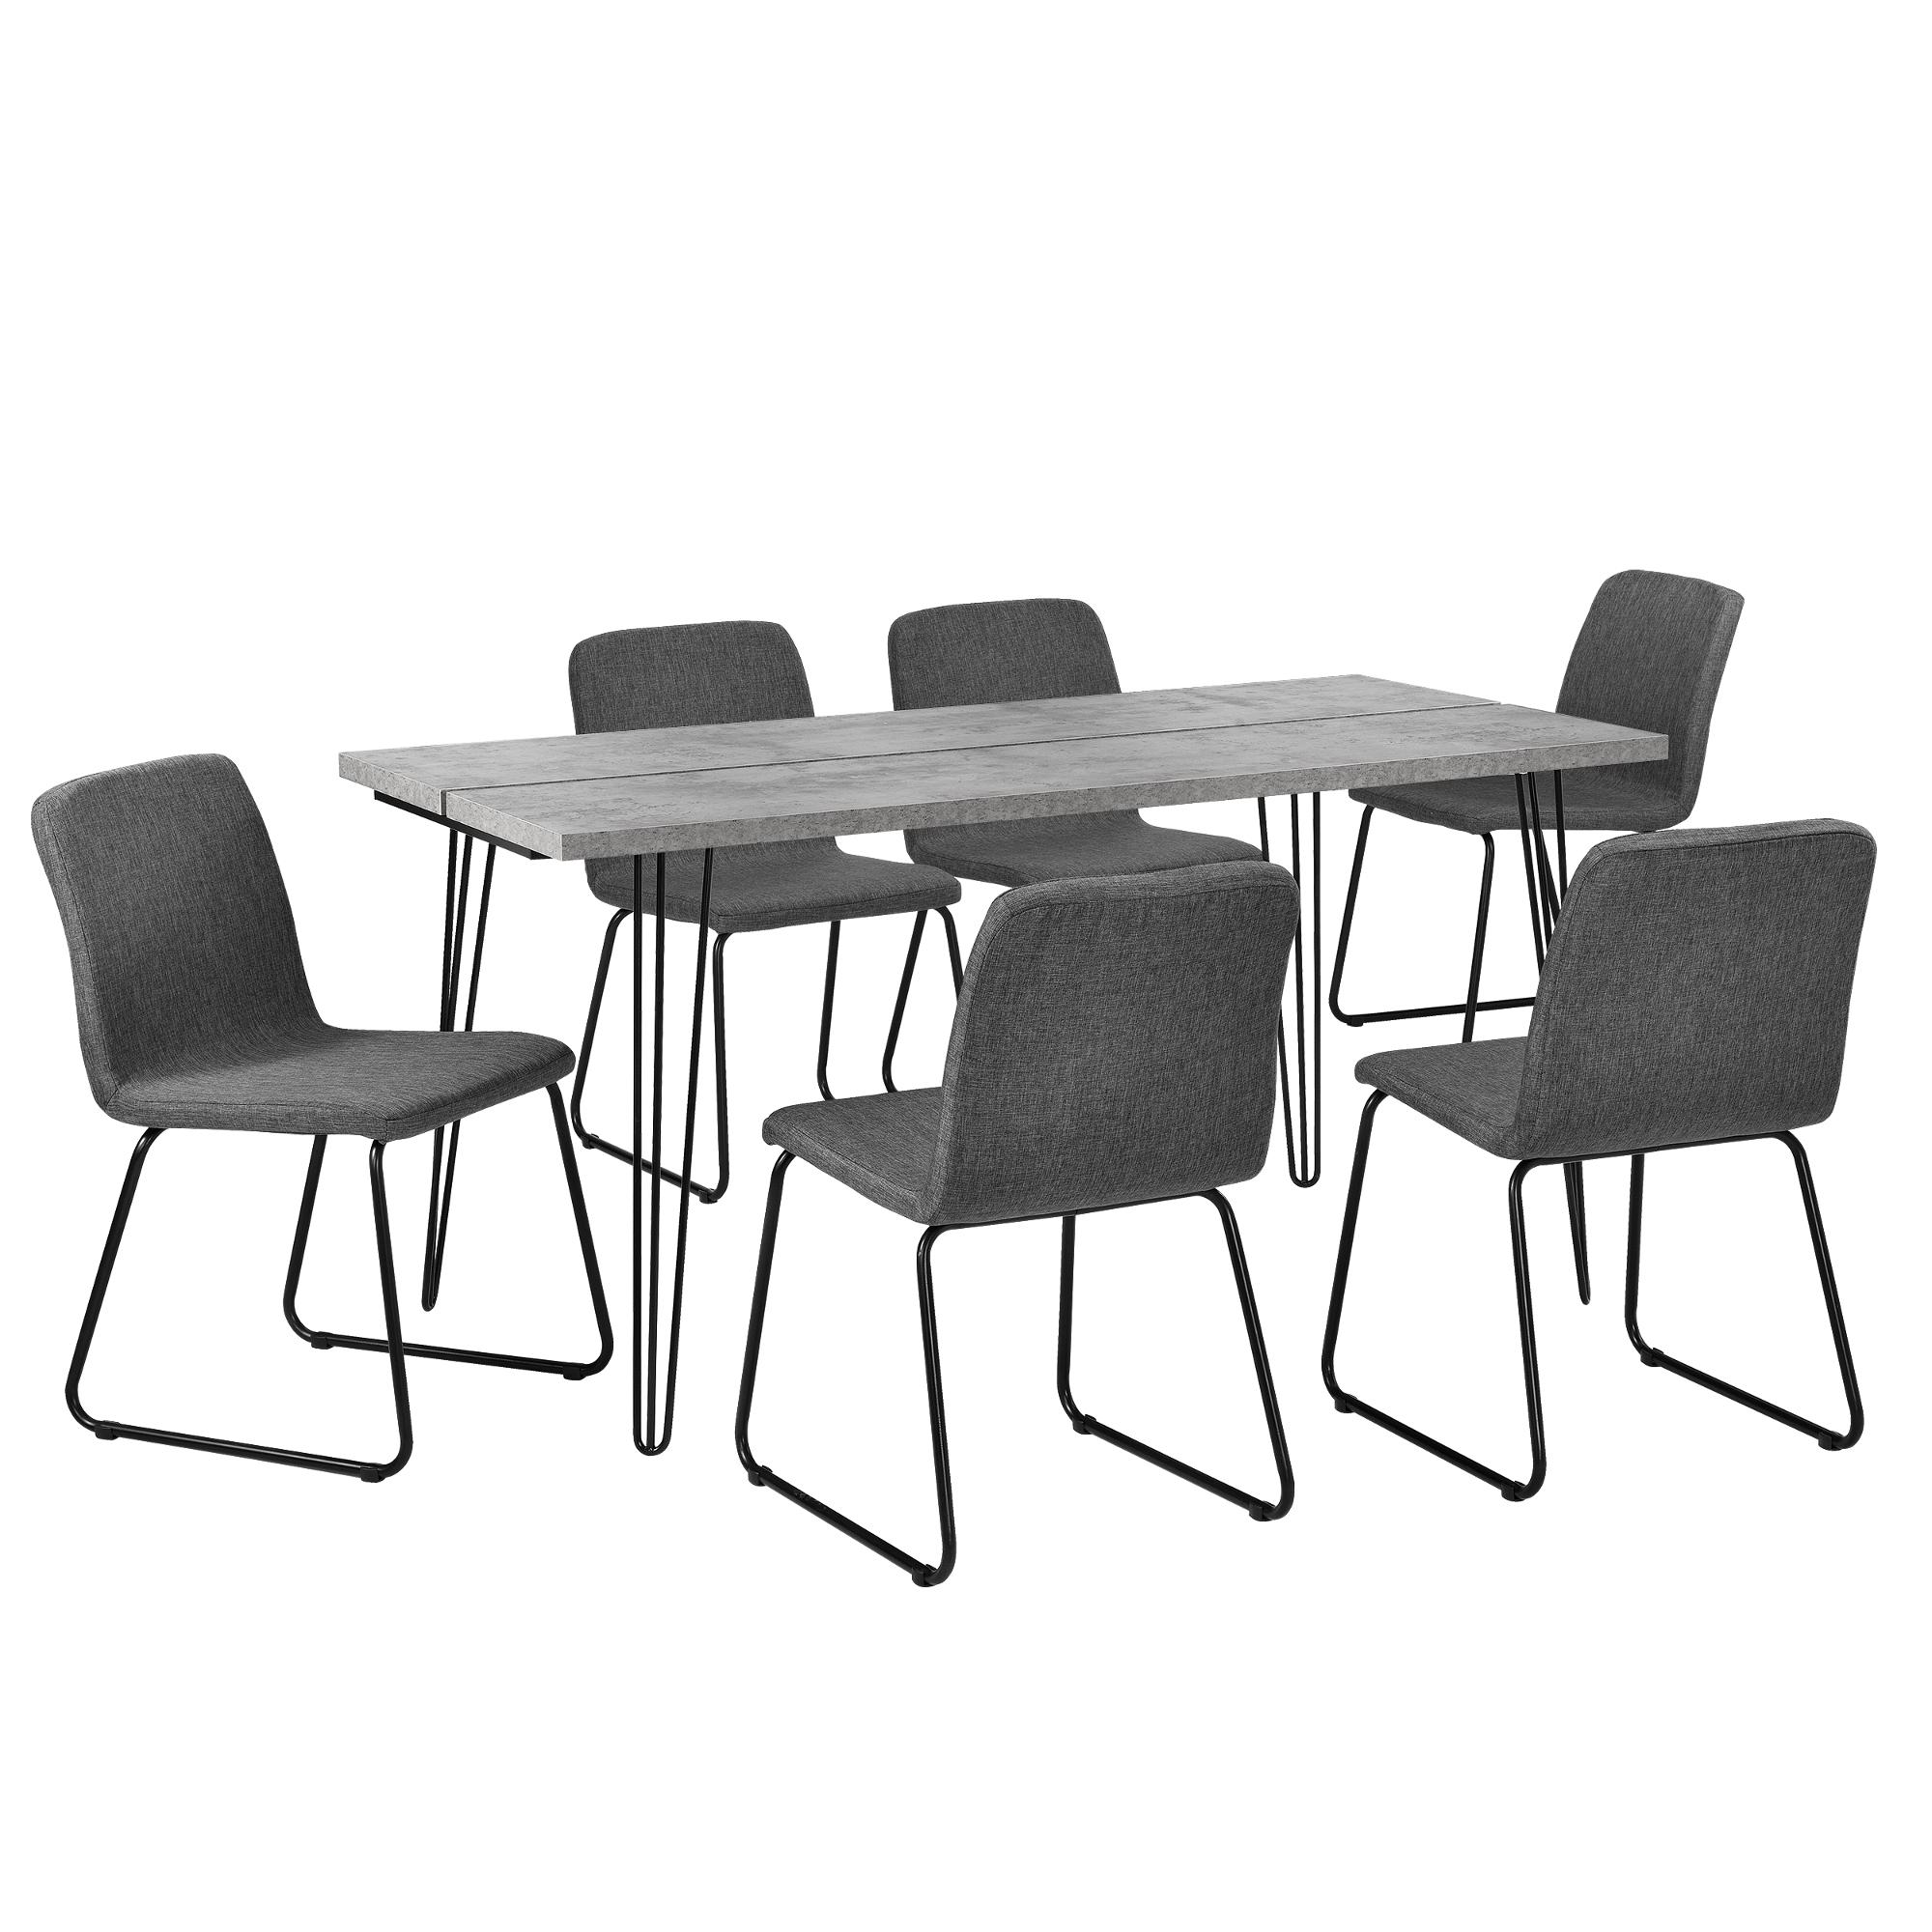 en.casa]® Esstisch 160x75cm Hairpinlegs mit 6 Stühlen grau Textil ...